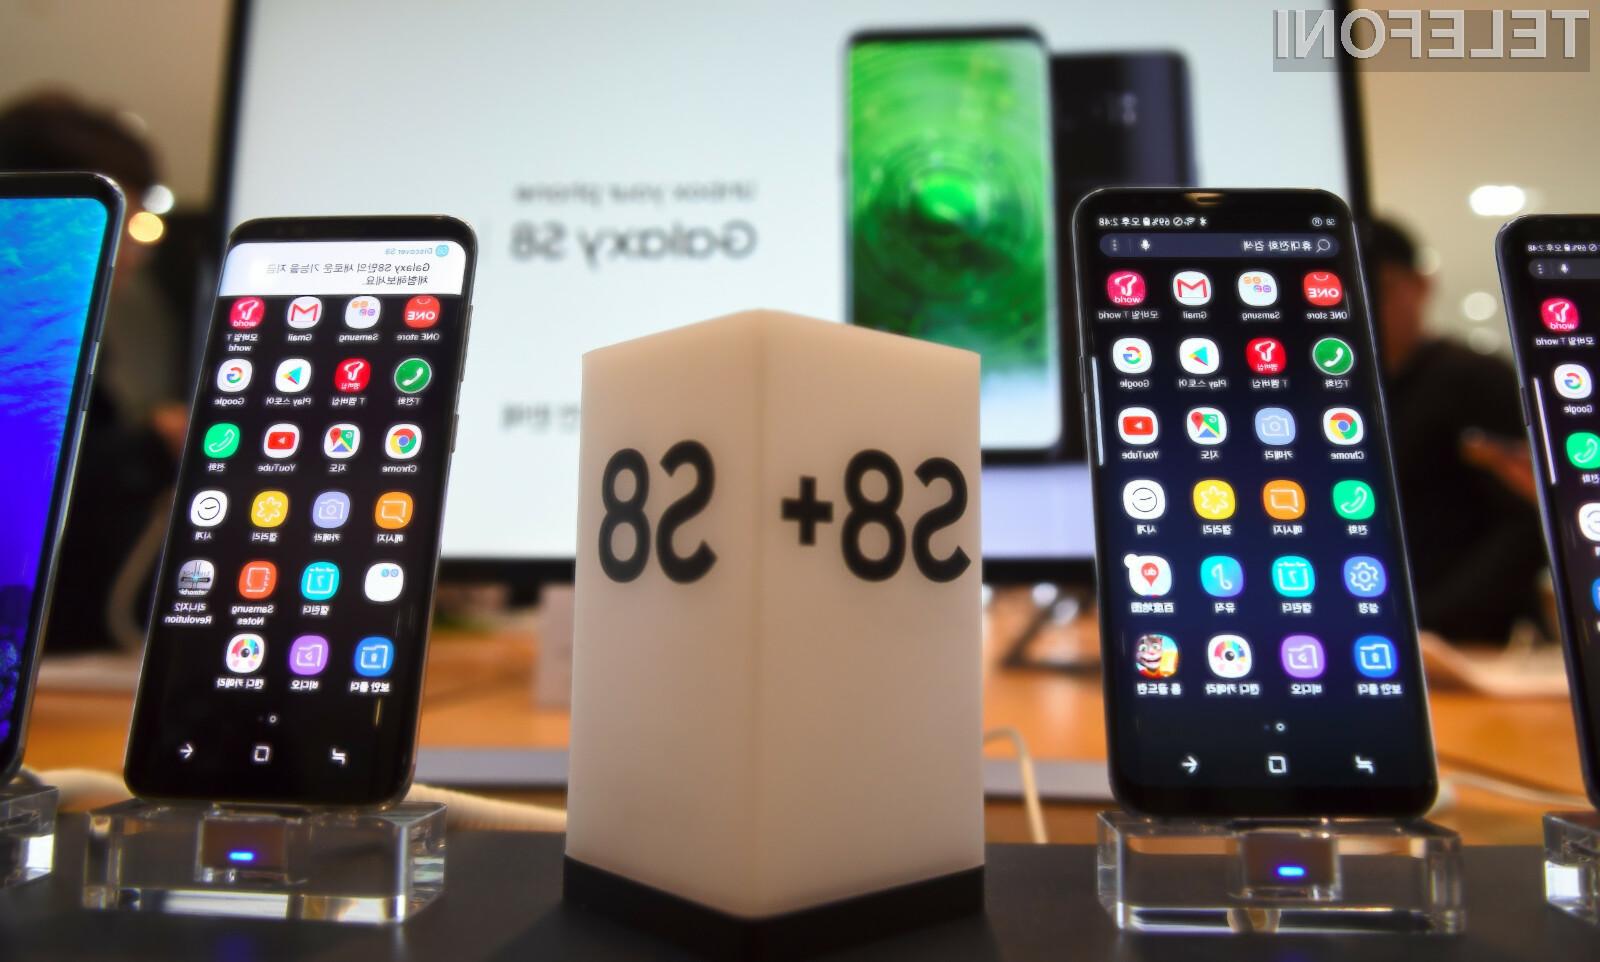 Največ uporabnikov trenutno povprašuje po pametnih mobilnih telefonih iPhone.